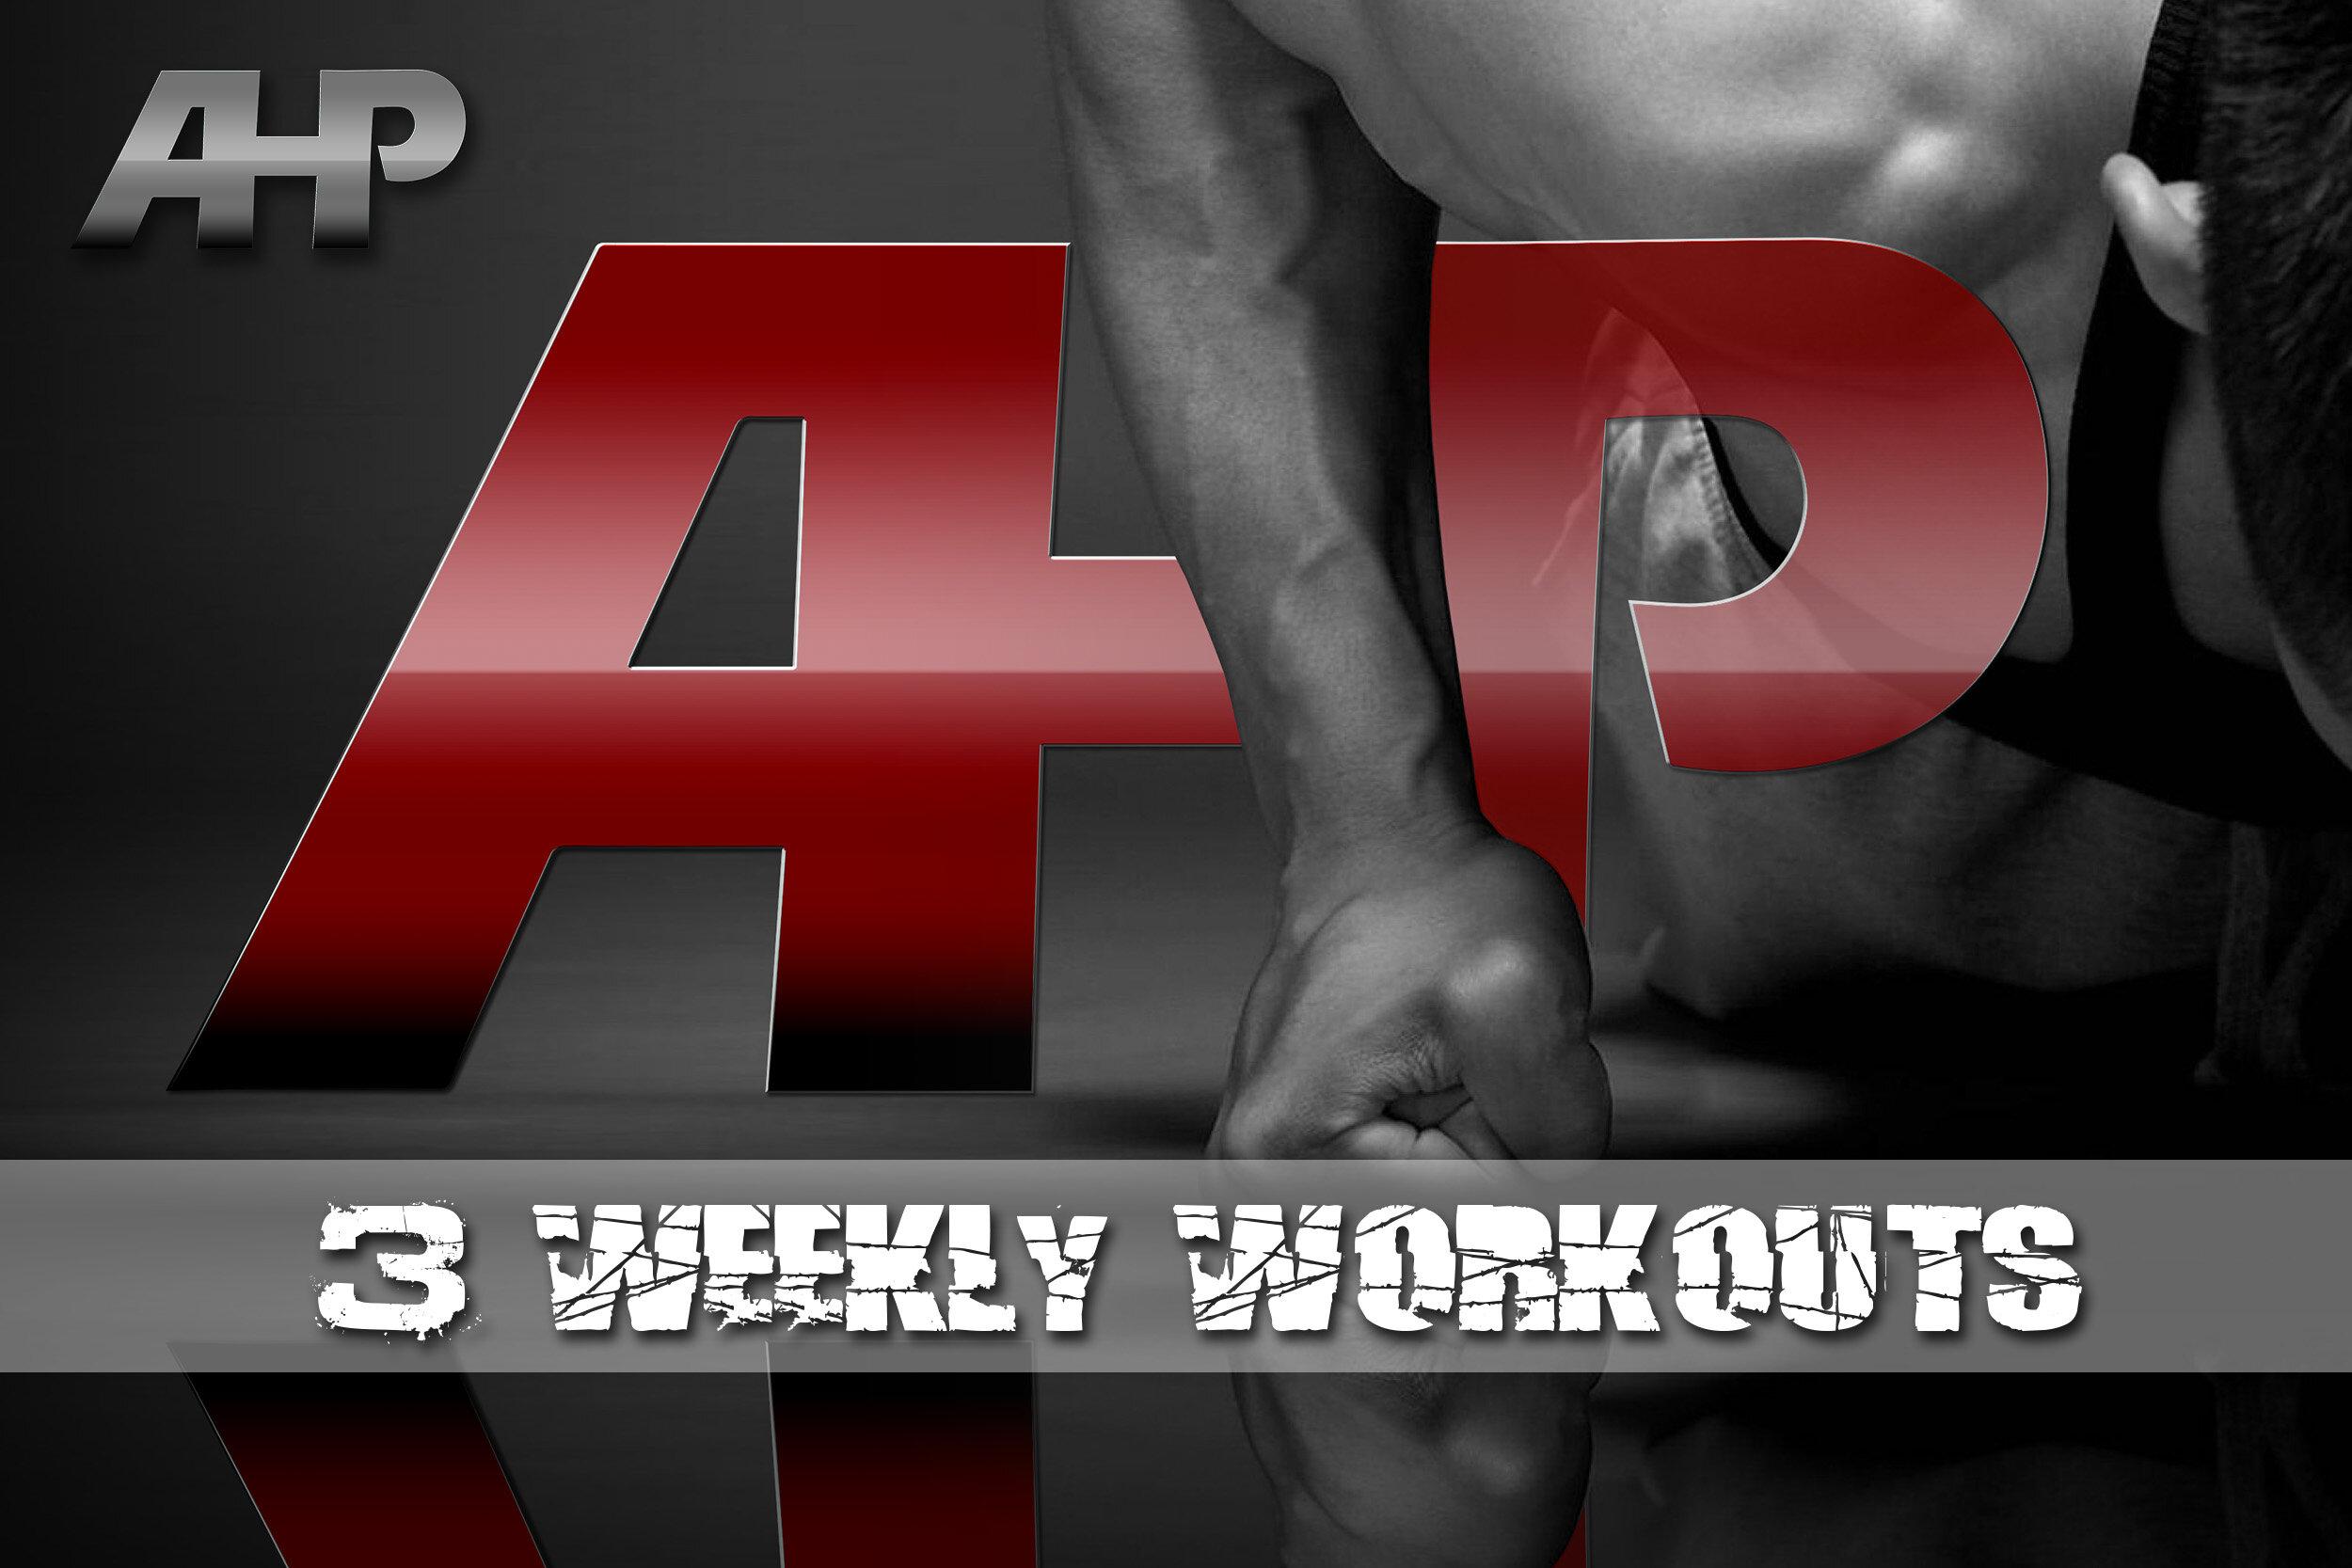 3 Weekly Workouts Thumbnail (AHP).jpg